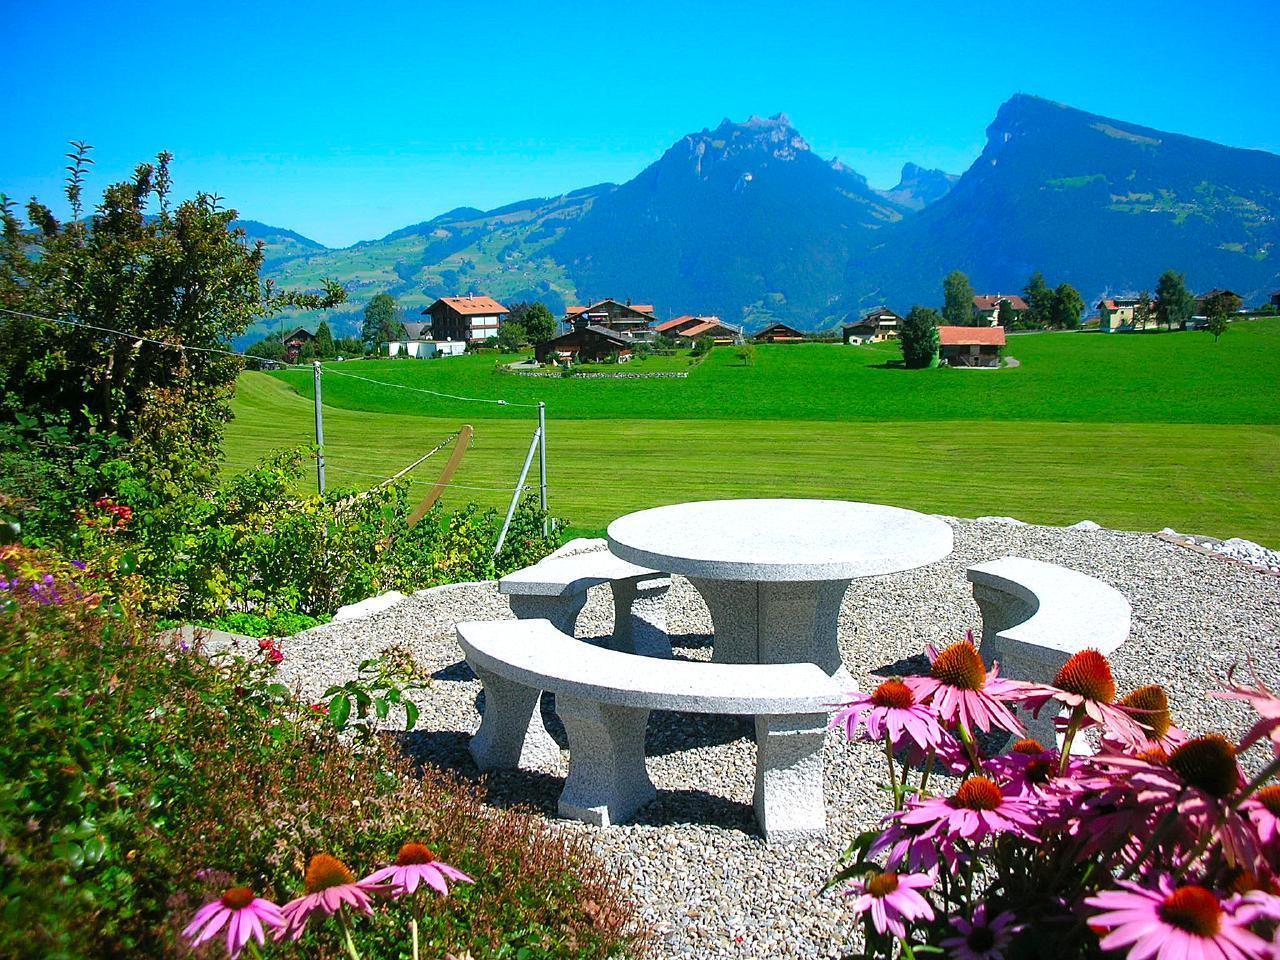 Ferienwohnung Mehlbaum (226961), Aeschi b. Spiez, Thunersee - Brienzersee, Berner Oberland, Schweiz, Bild 1